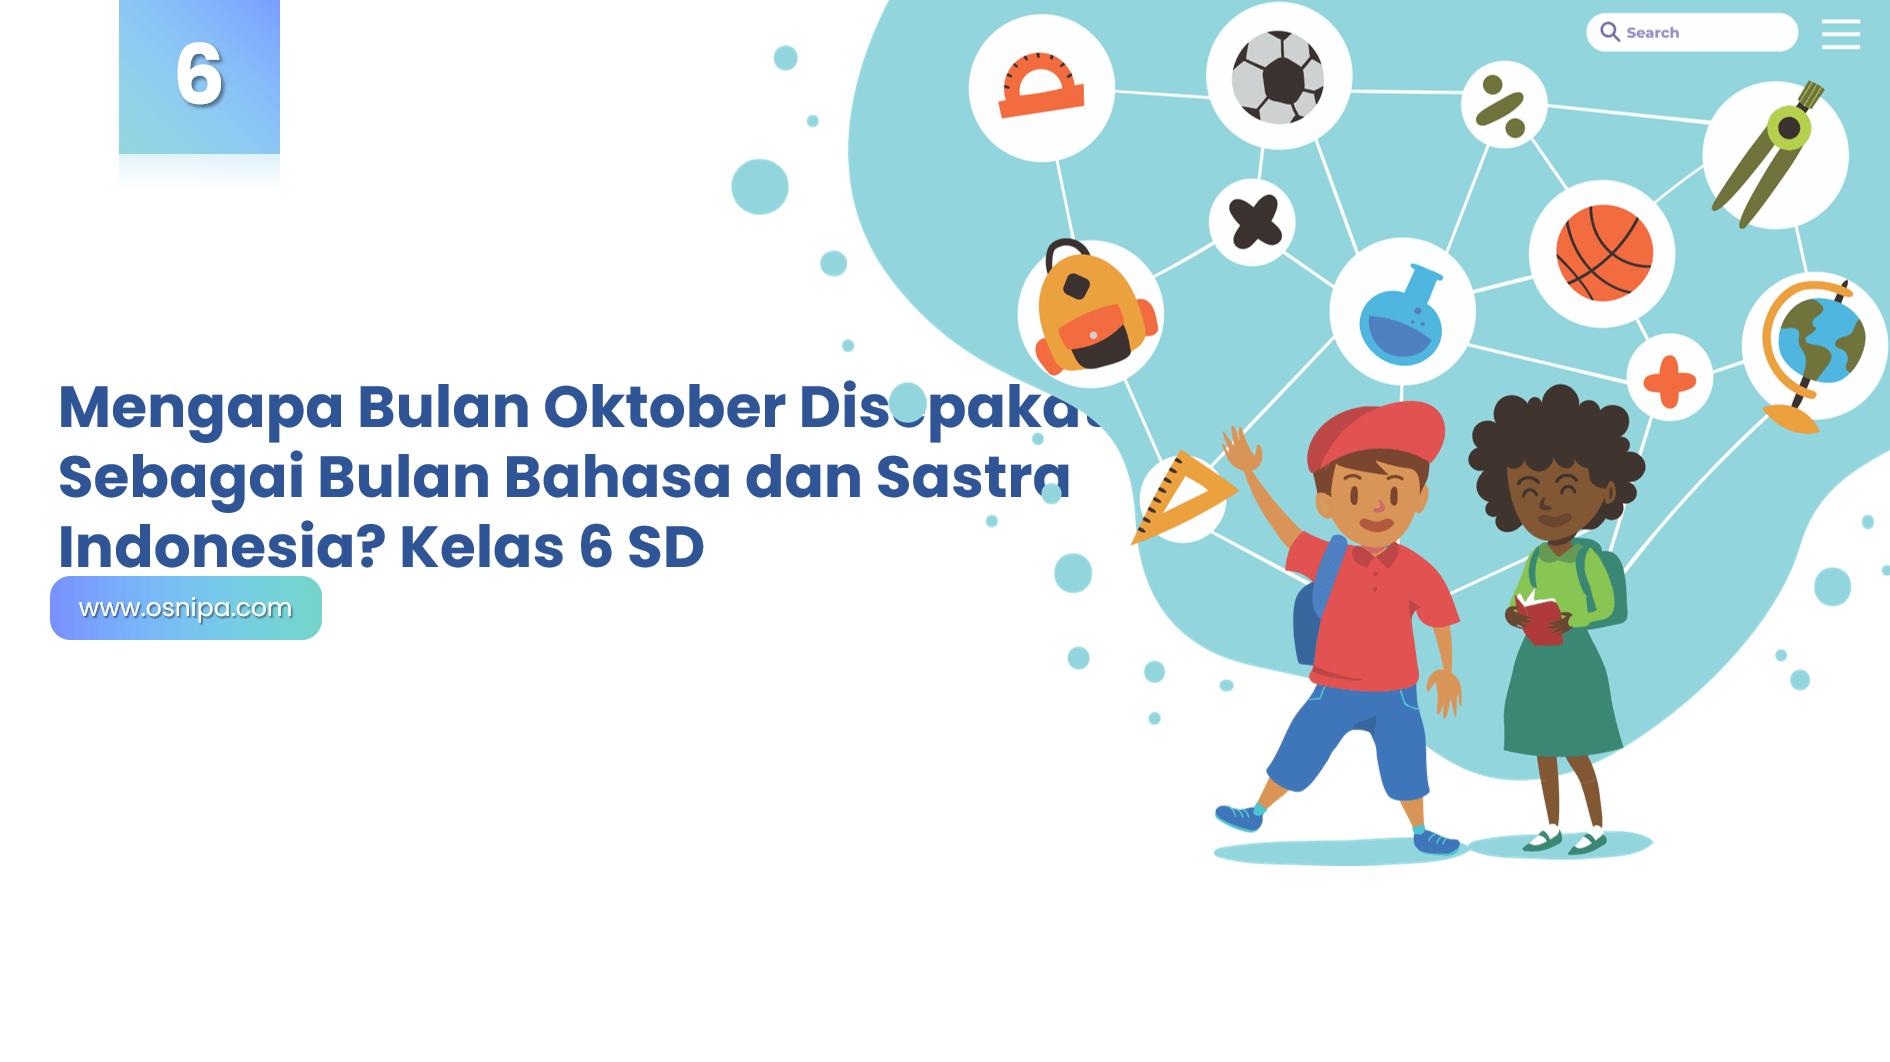 Mengapa Bulan Oktober Disepakati Sebagai Bulan Bahasa dan sastra Indonesia? Kelas 6 SD